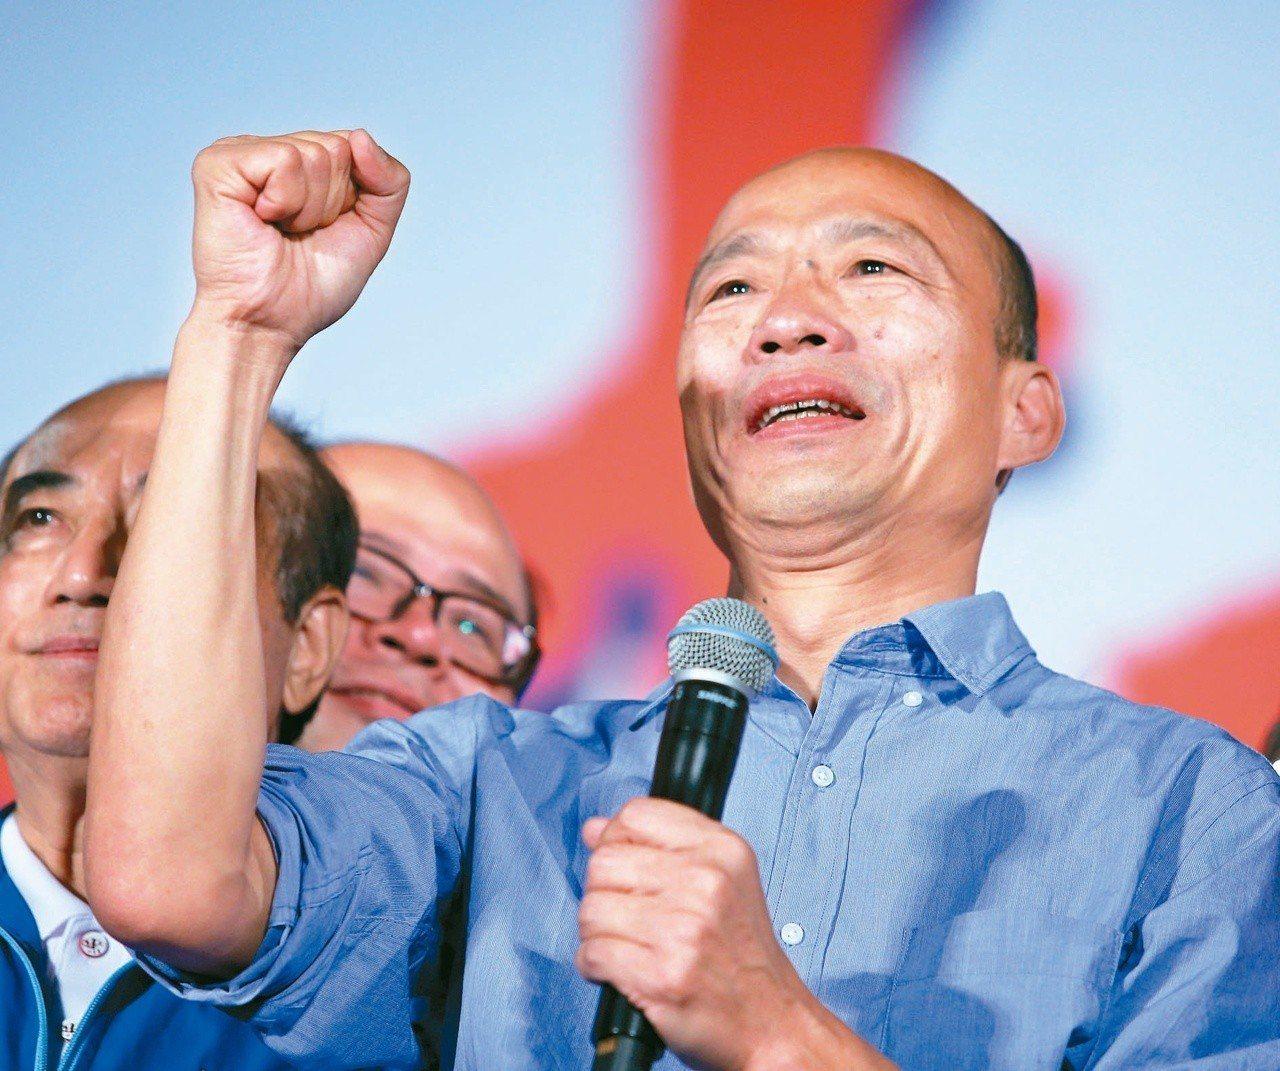 國民黨高雄市長候選人韓國瑜(圖)昨晚在鳳山舉辦造勢晚會,現場湧進上萬人場面熱烈。...